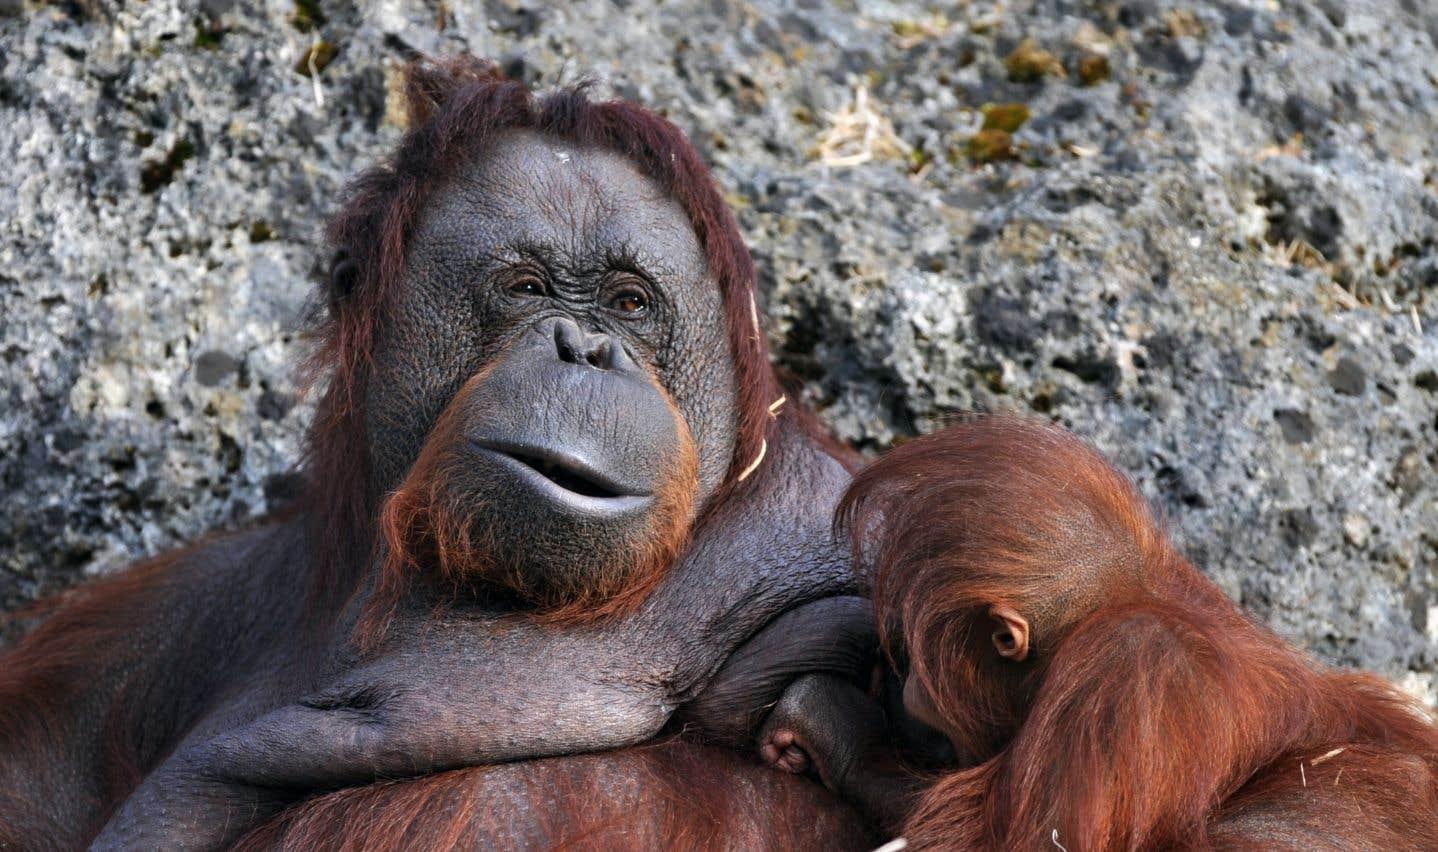 Découverte d'une nouvelle espèce rare d'orang-outan en Indonésie